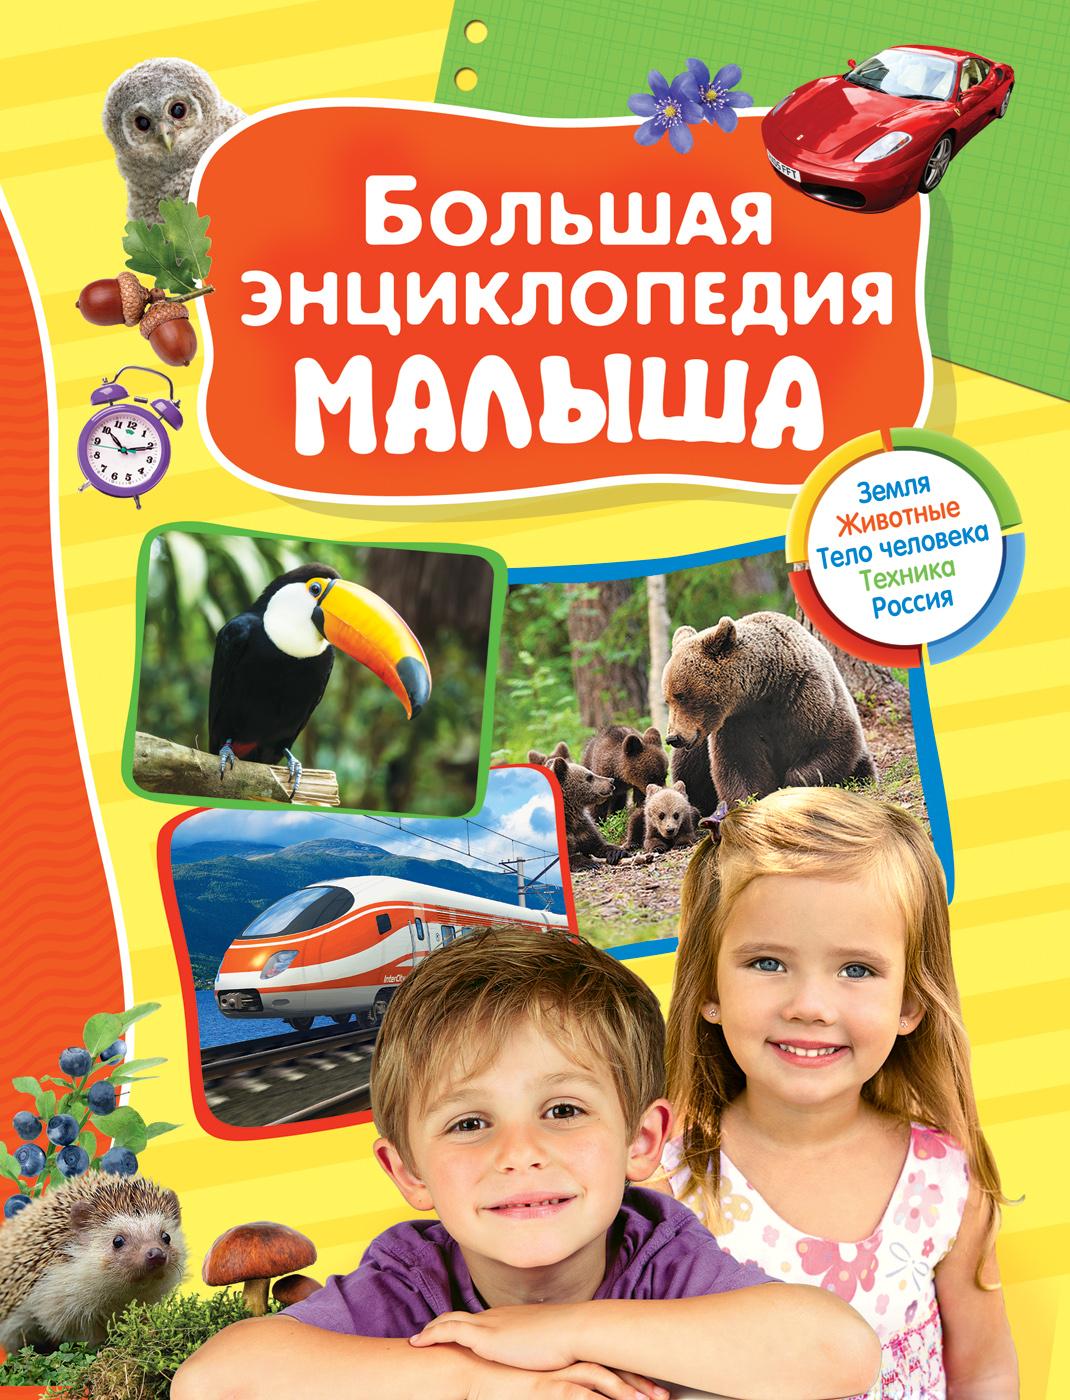 Большая энциклопедия малышаДля малышей в картинках<br>Большая энциклопедия малыша<br>